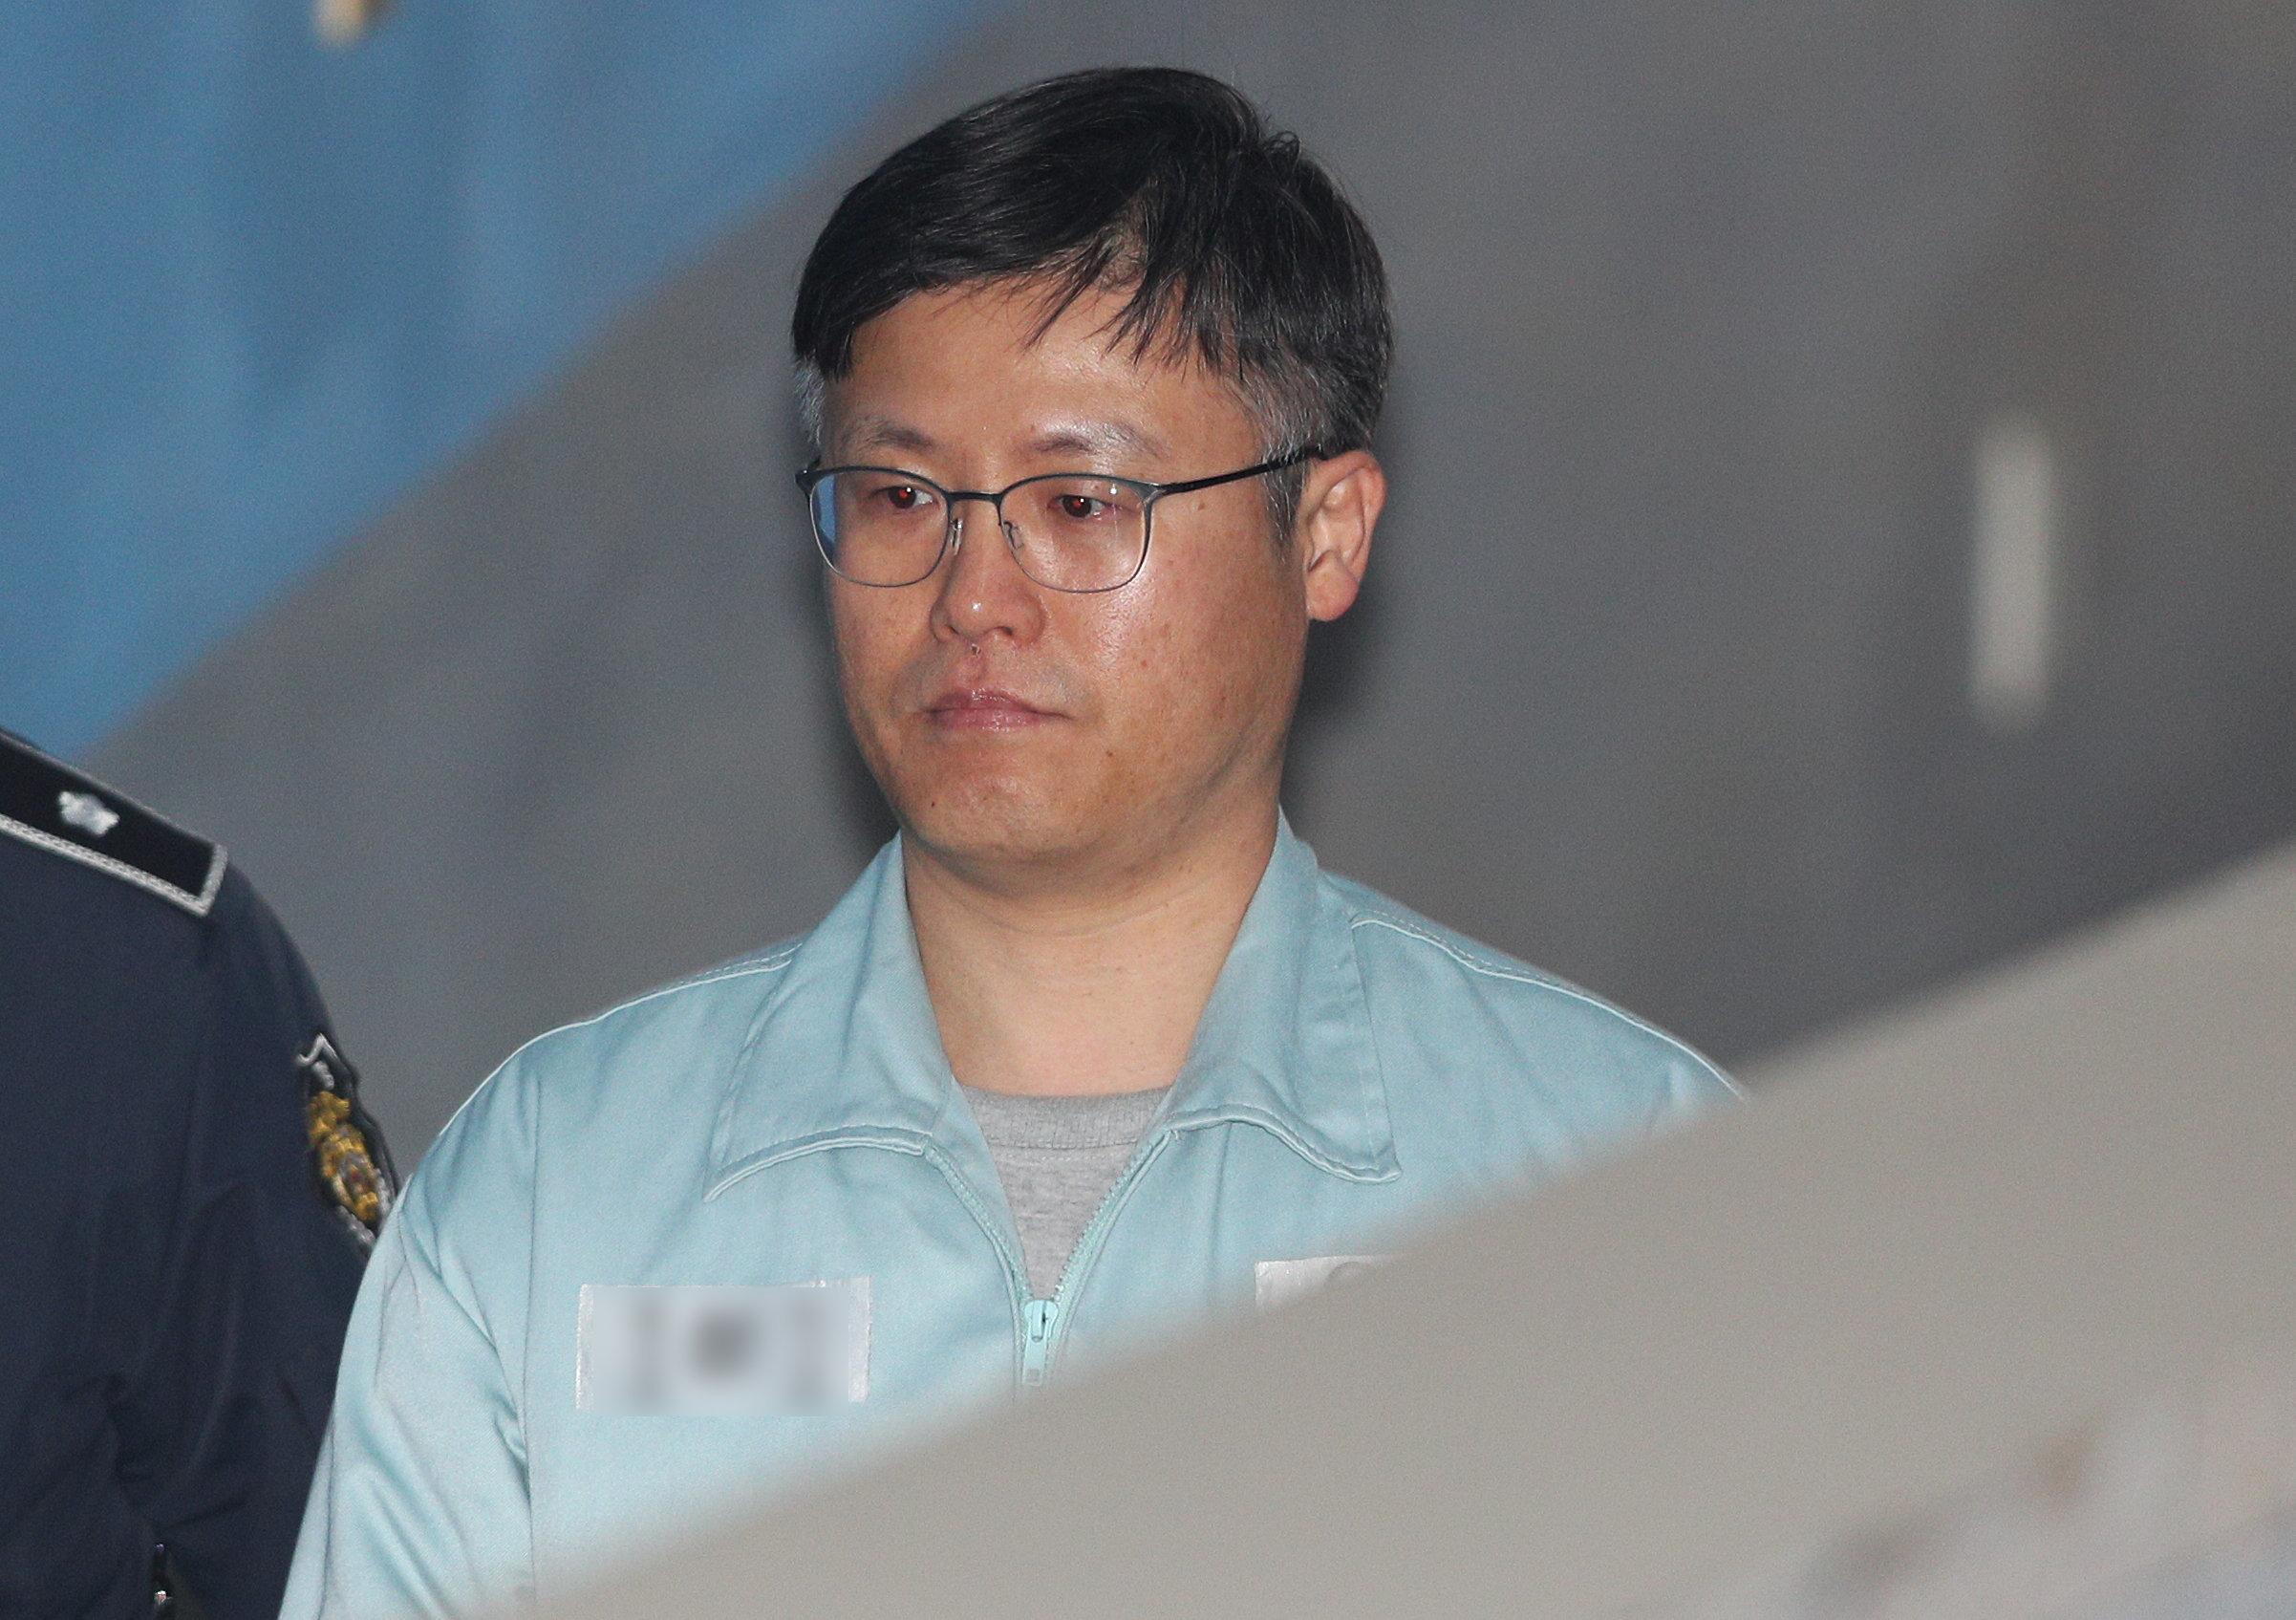 정호성 전 청와대 부속비서관의 1년 6개월의 실형이